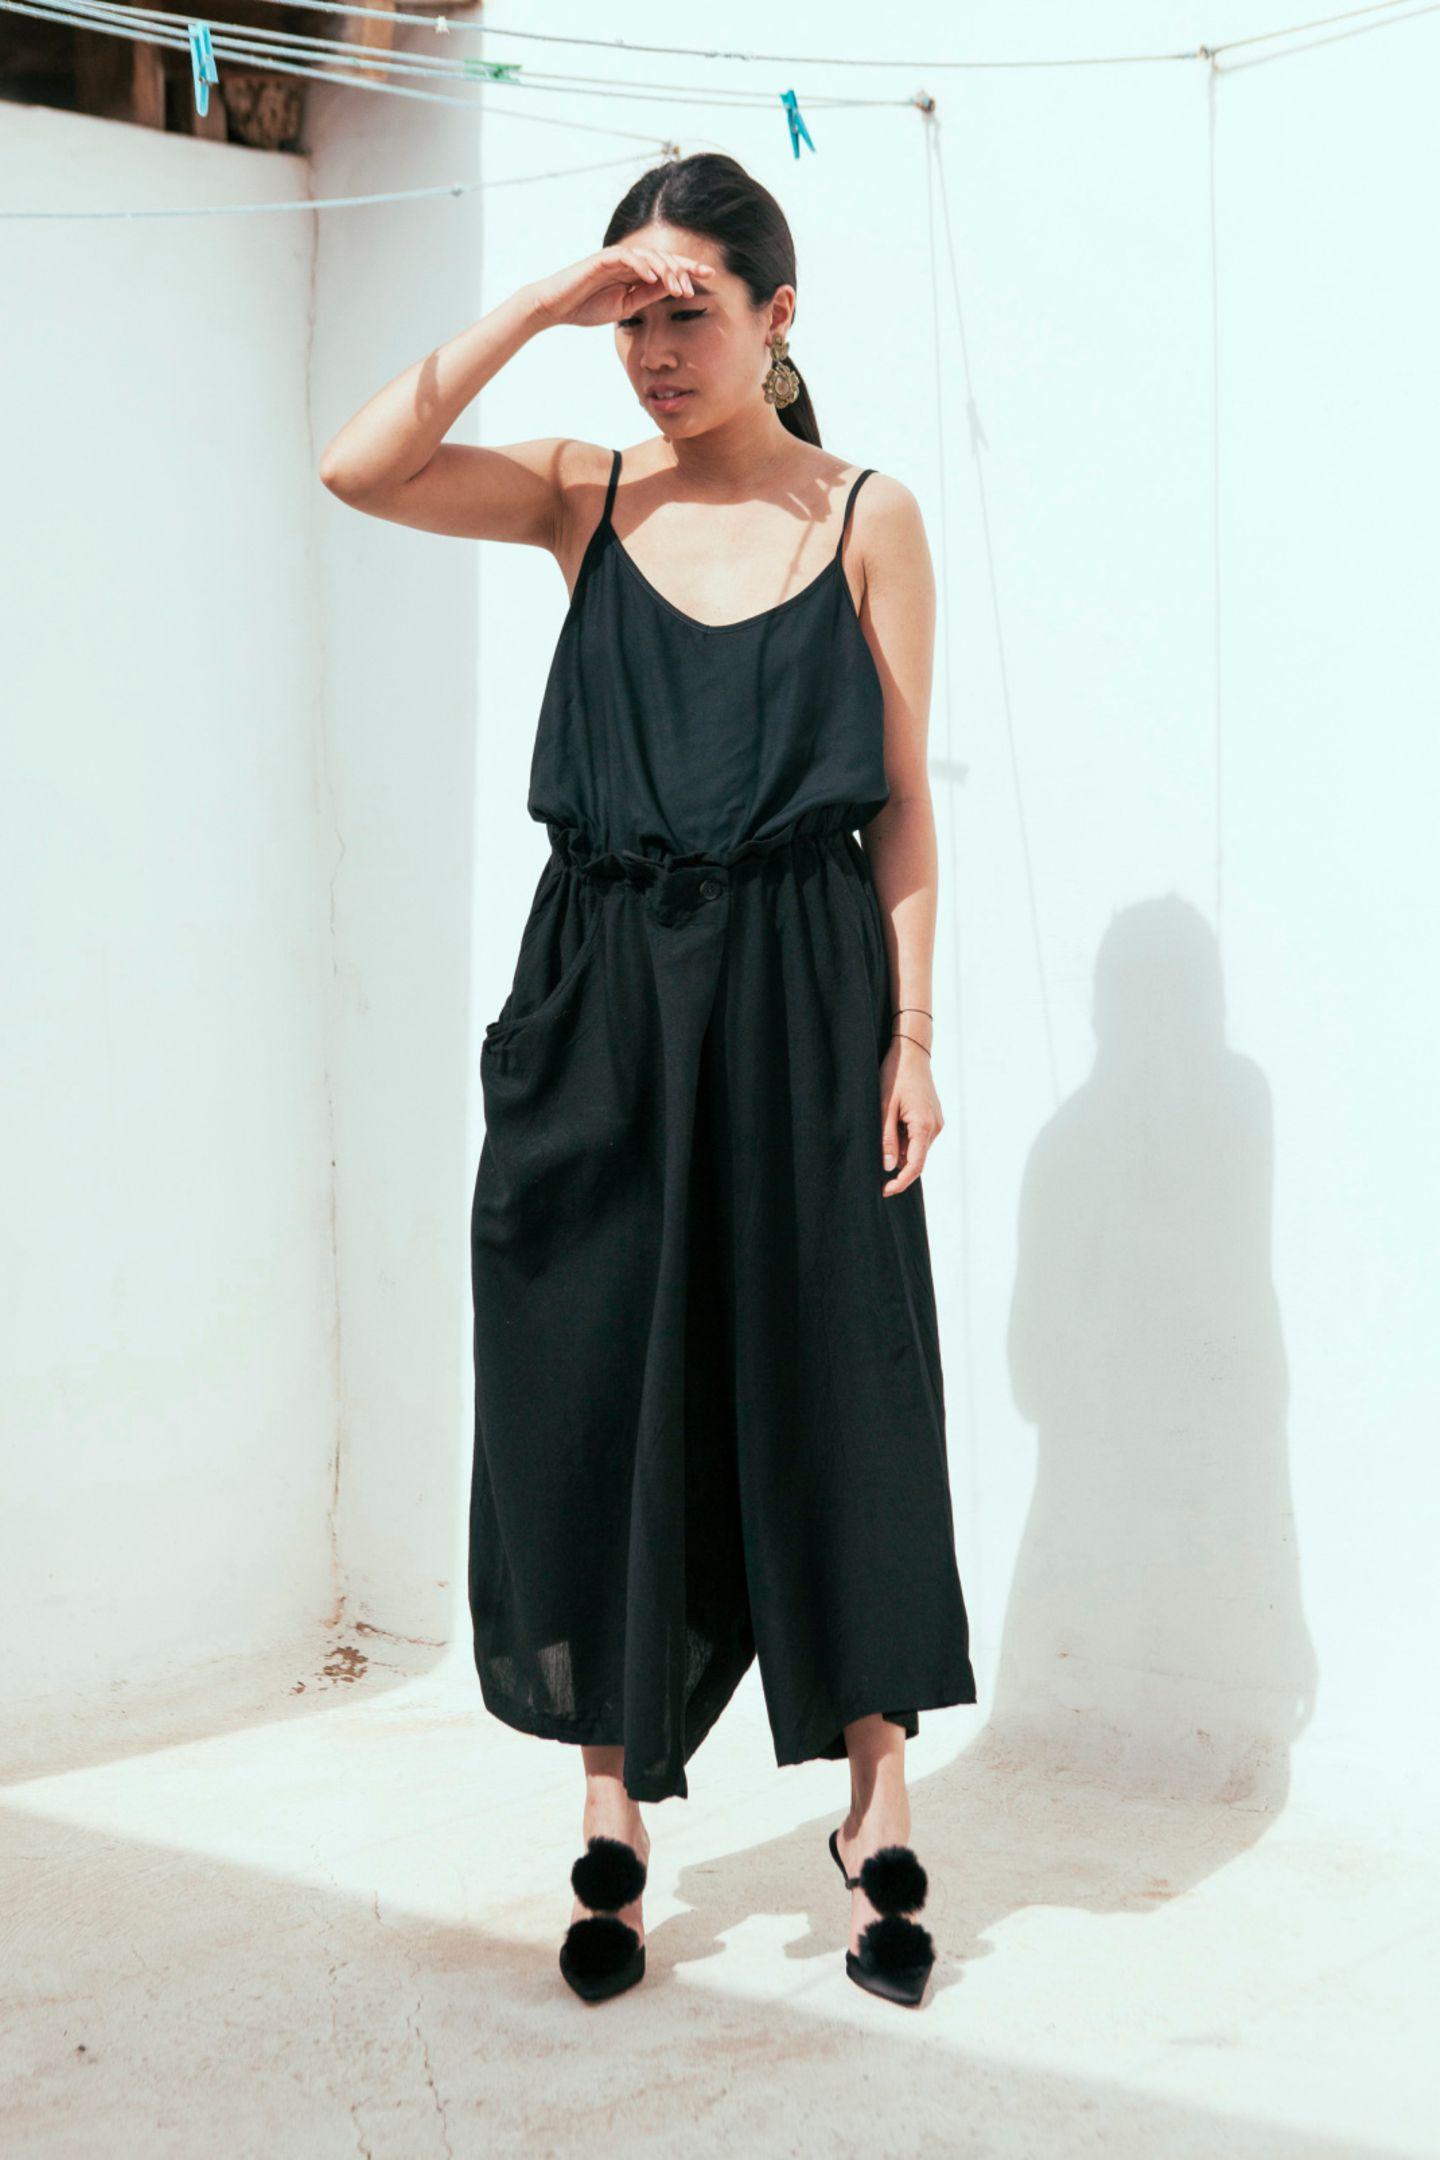 Designerin und Bloggerin Alice trägt auf ihrem Blog und im Alltag ausschließlich Schwarz – passt das in den Sommer? Auf jeden Fall! Sie favorisiert dabei weite Schnitte, bindet ihre Haare gerne zu einem strengen Zopf, dazu dunkle Lippen.